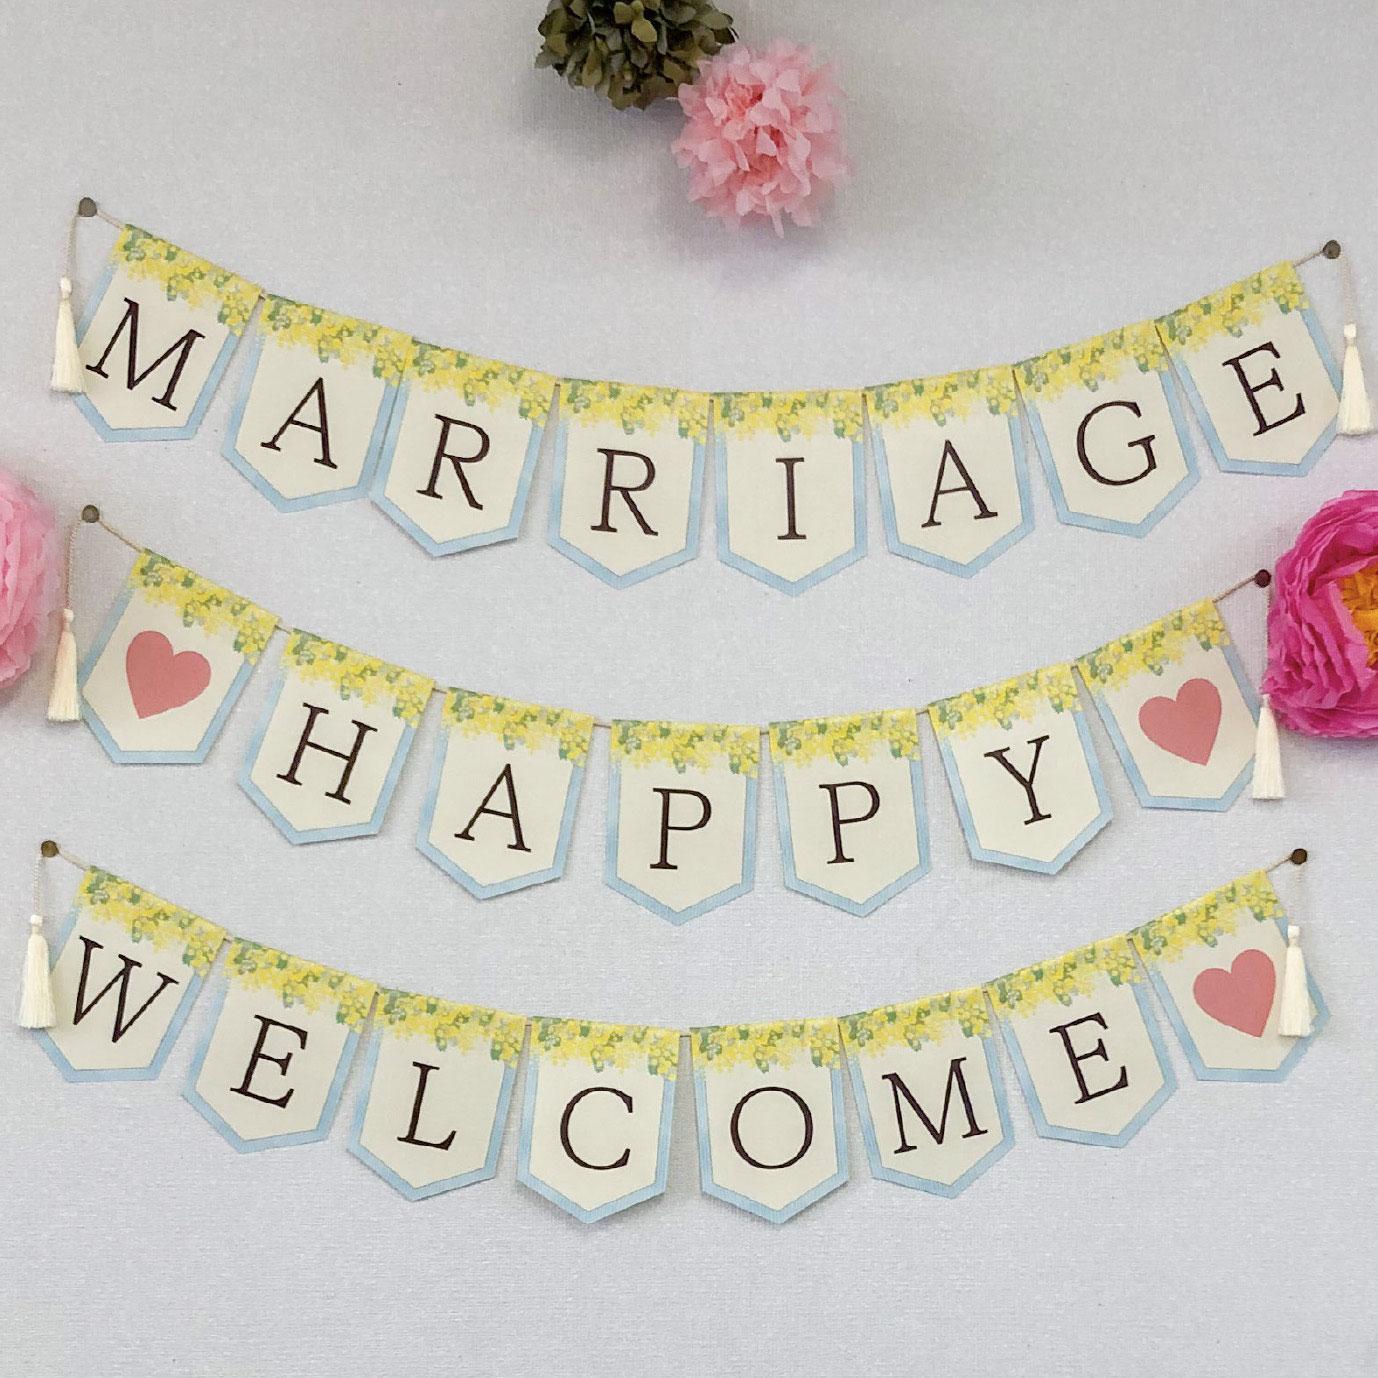 「婚姻届Laboオリジナル ガーランドキット」ミモザ メッセージ3種「MARRIAGE」「♡HAPPY♡」「WELCOME♡」